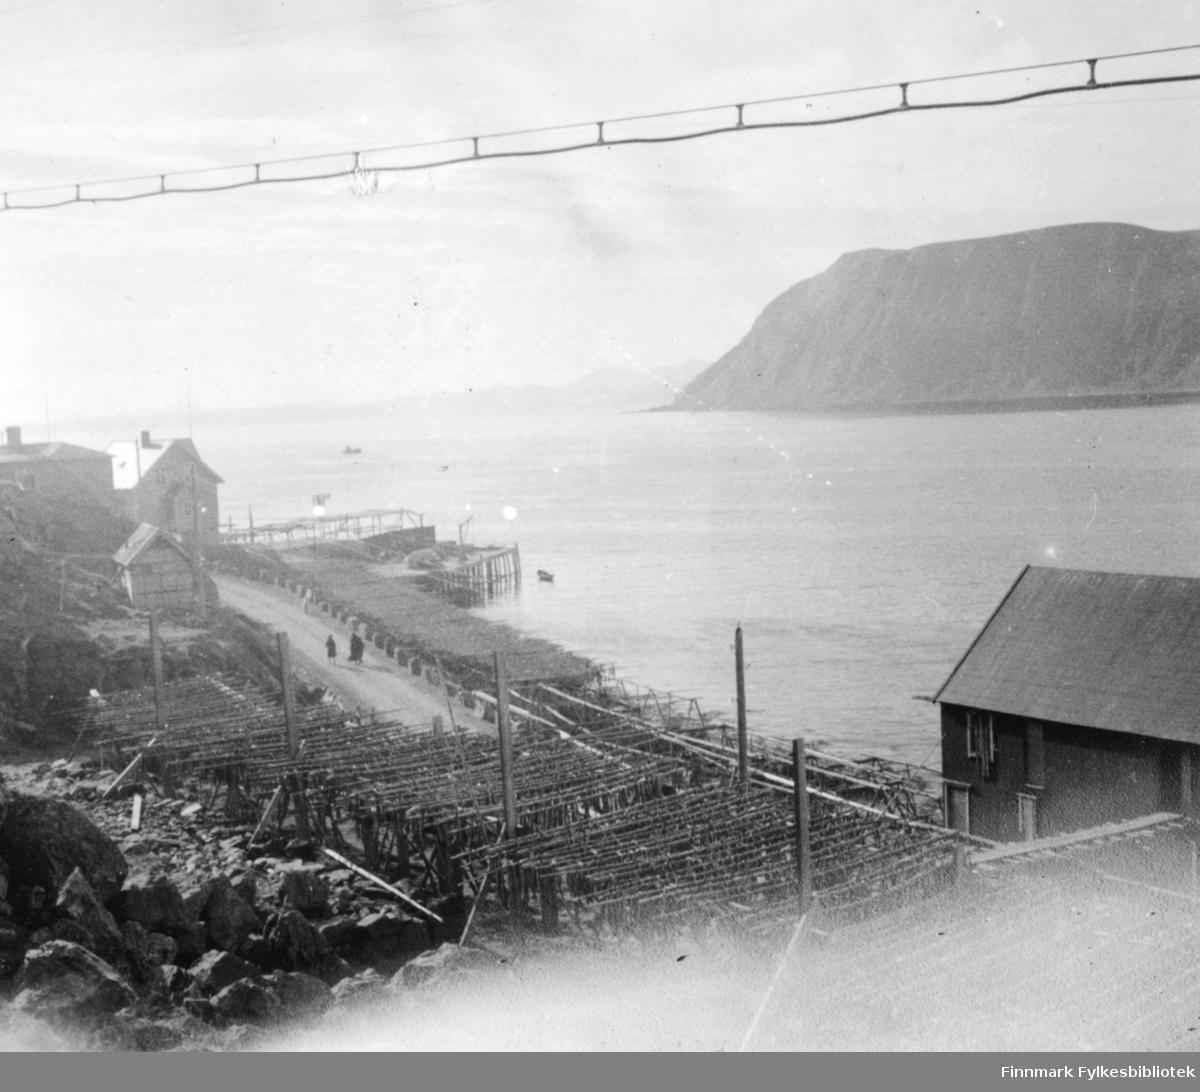 Landskapsbilde fotografert fra Honningsvåg. Foran på bildet fiskehjeller med fisk, noen bebyggelser og kai. Det gå to kvinner på grusveg bortover i bildet. Bildet er et stereobilde.  .